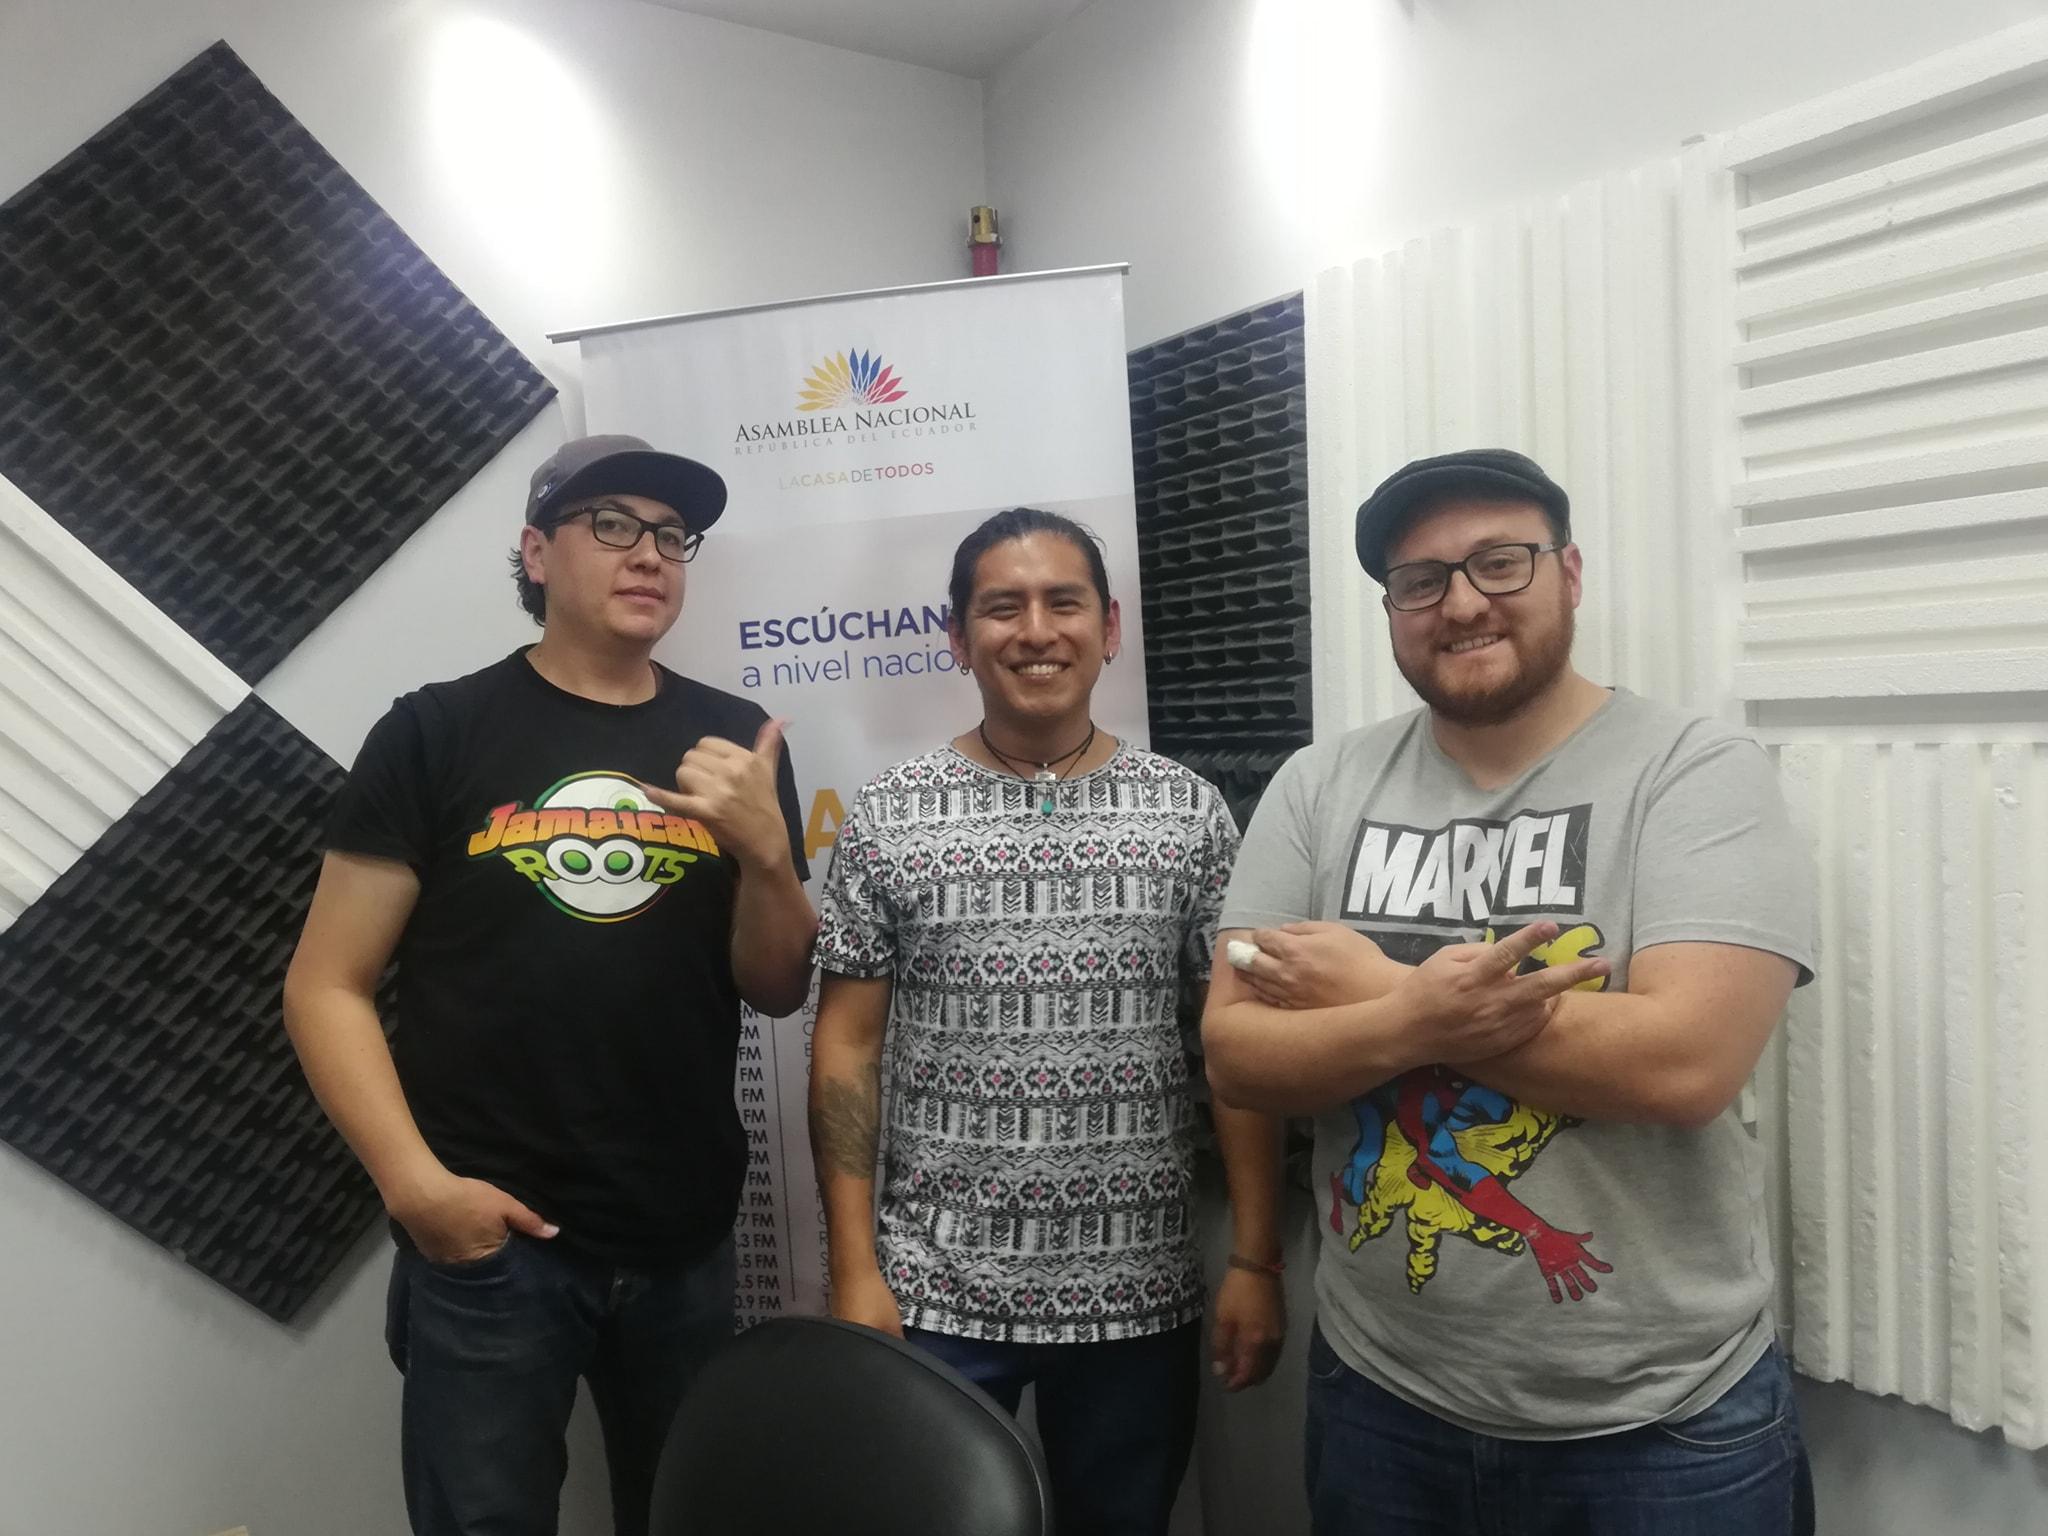 Entrevista DJ Chill-ii